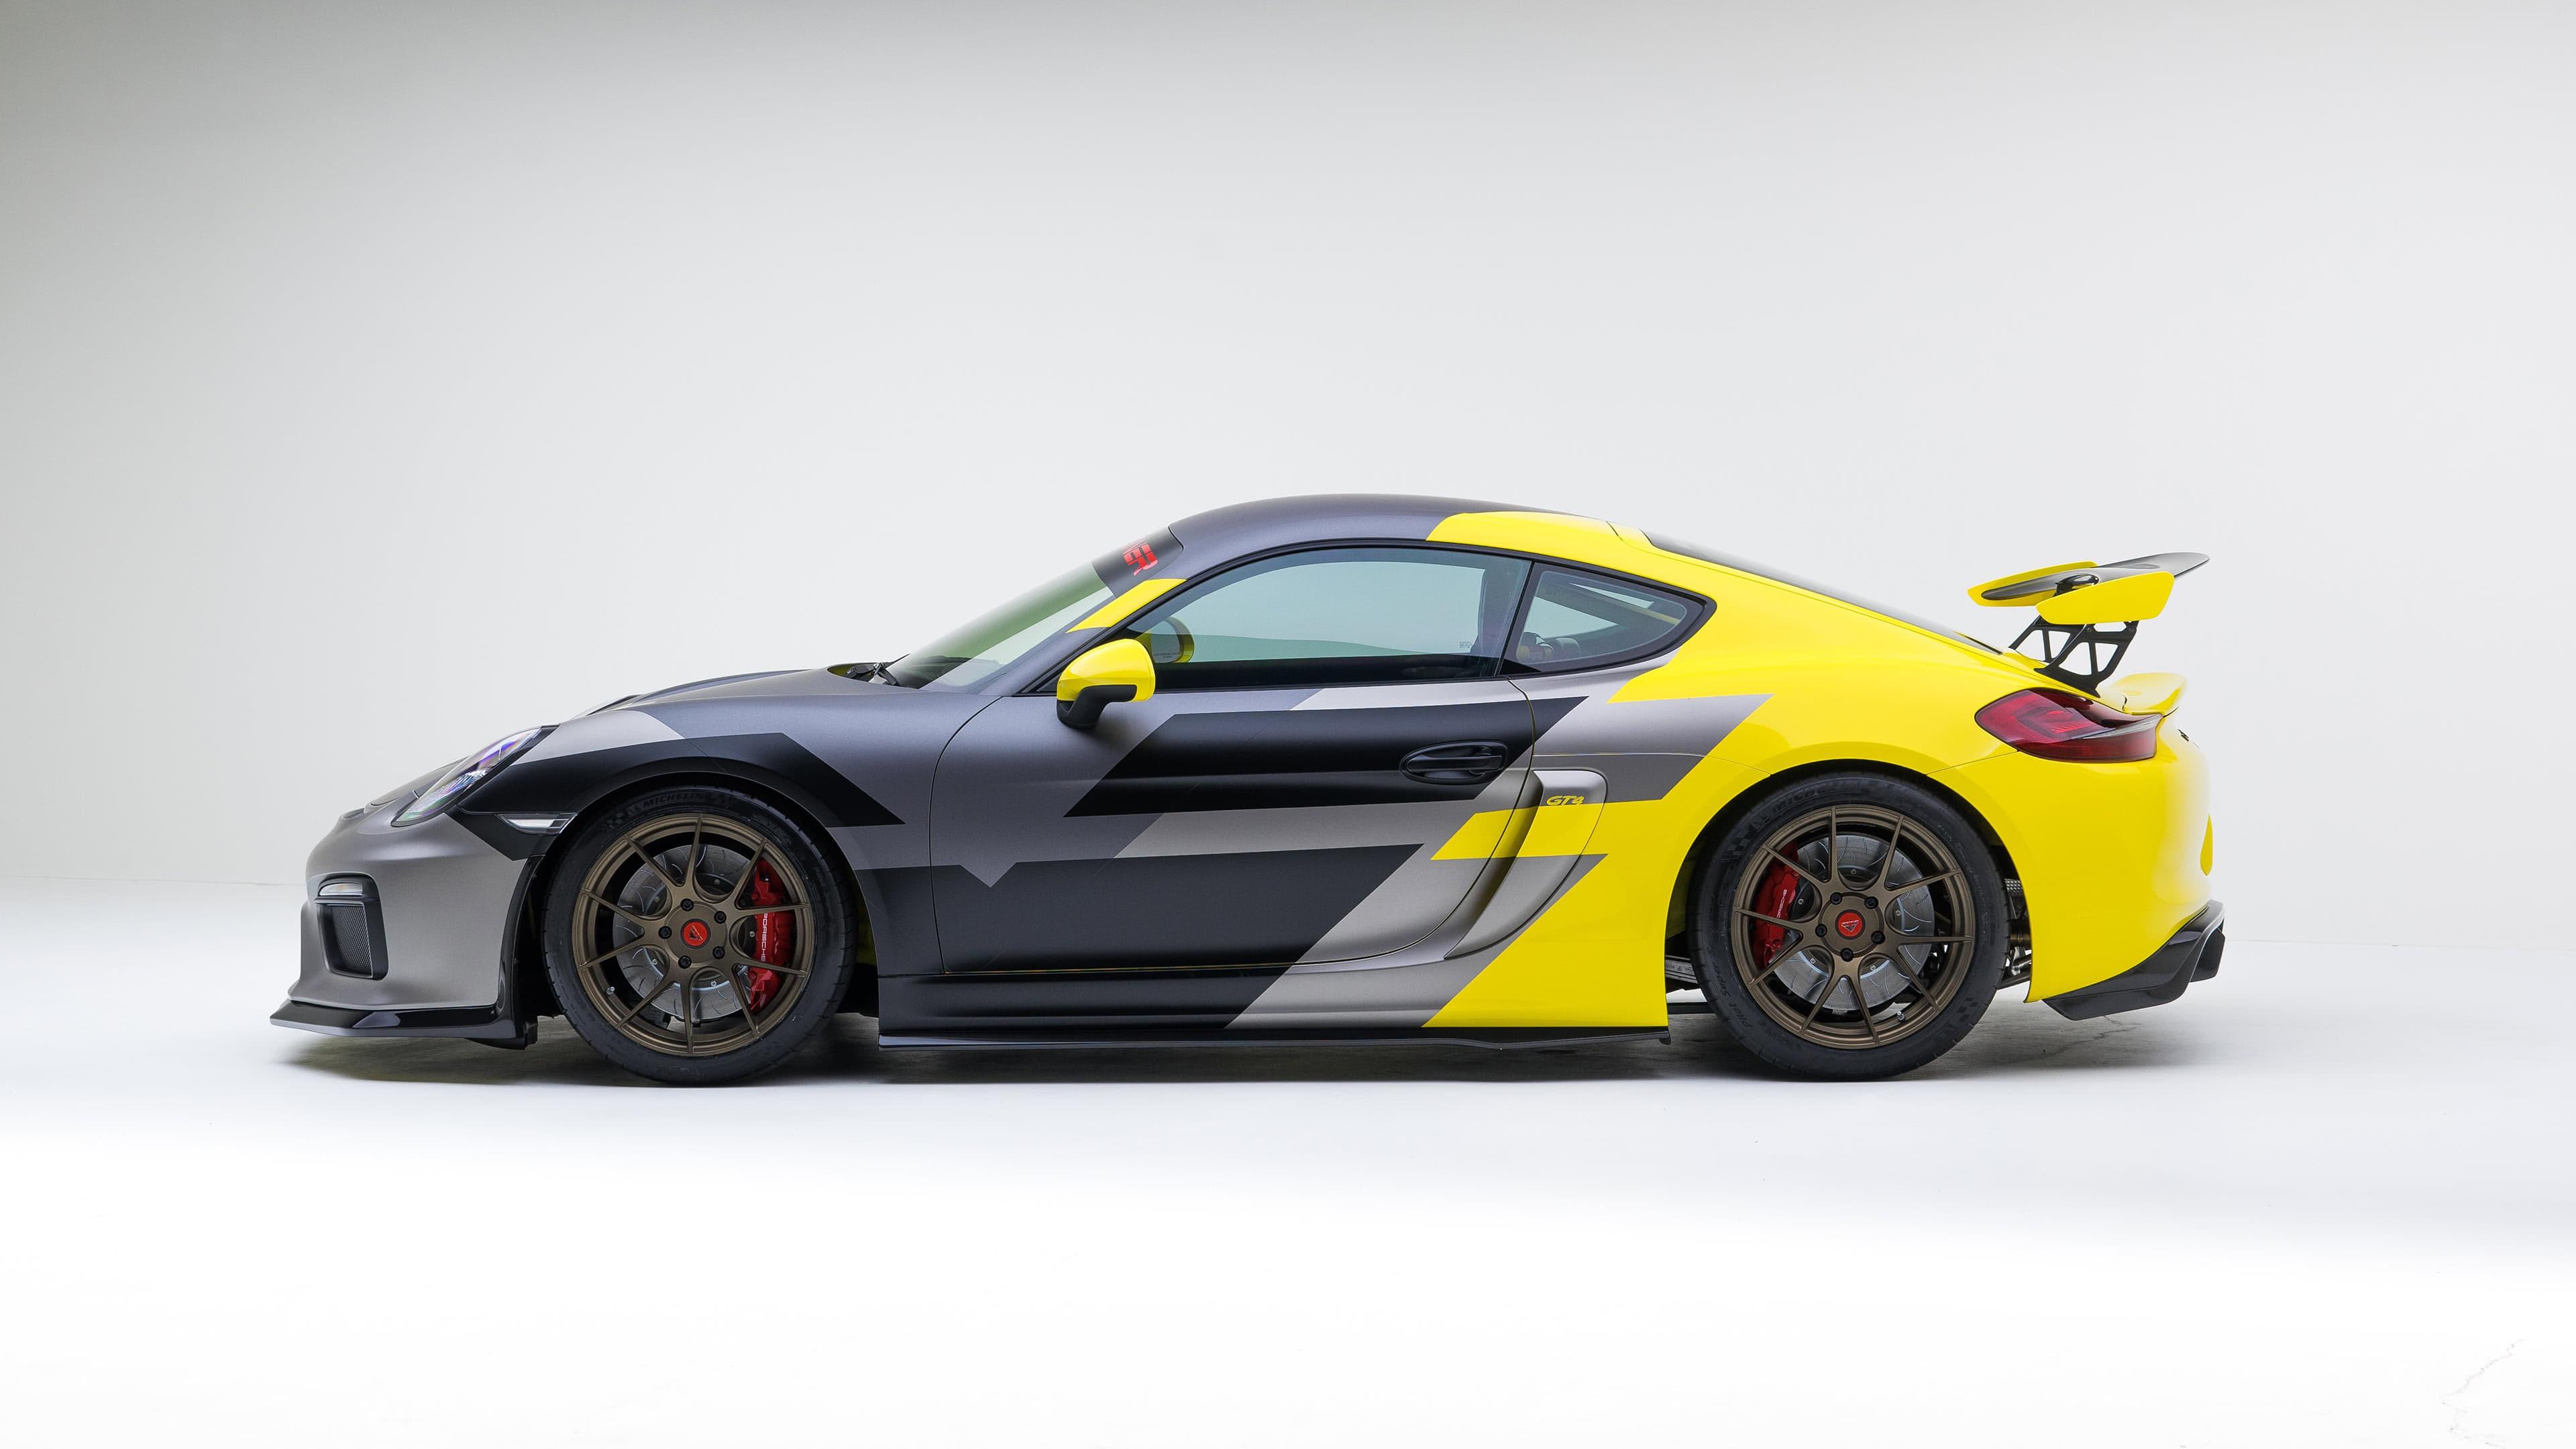 Porsche Cayman Gt4 Uhd 4k Wallpaper Pixelz